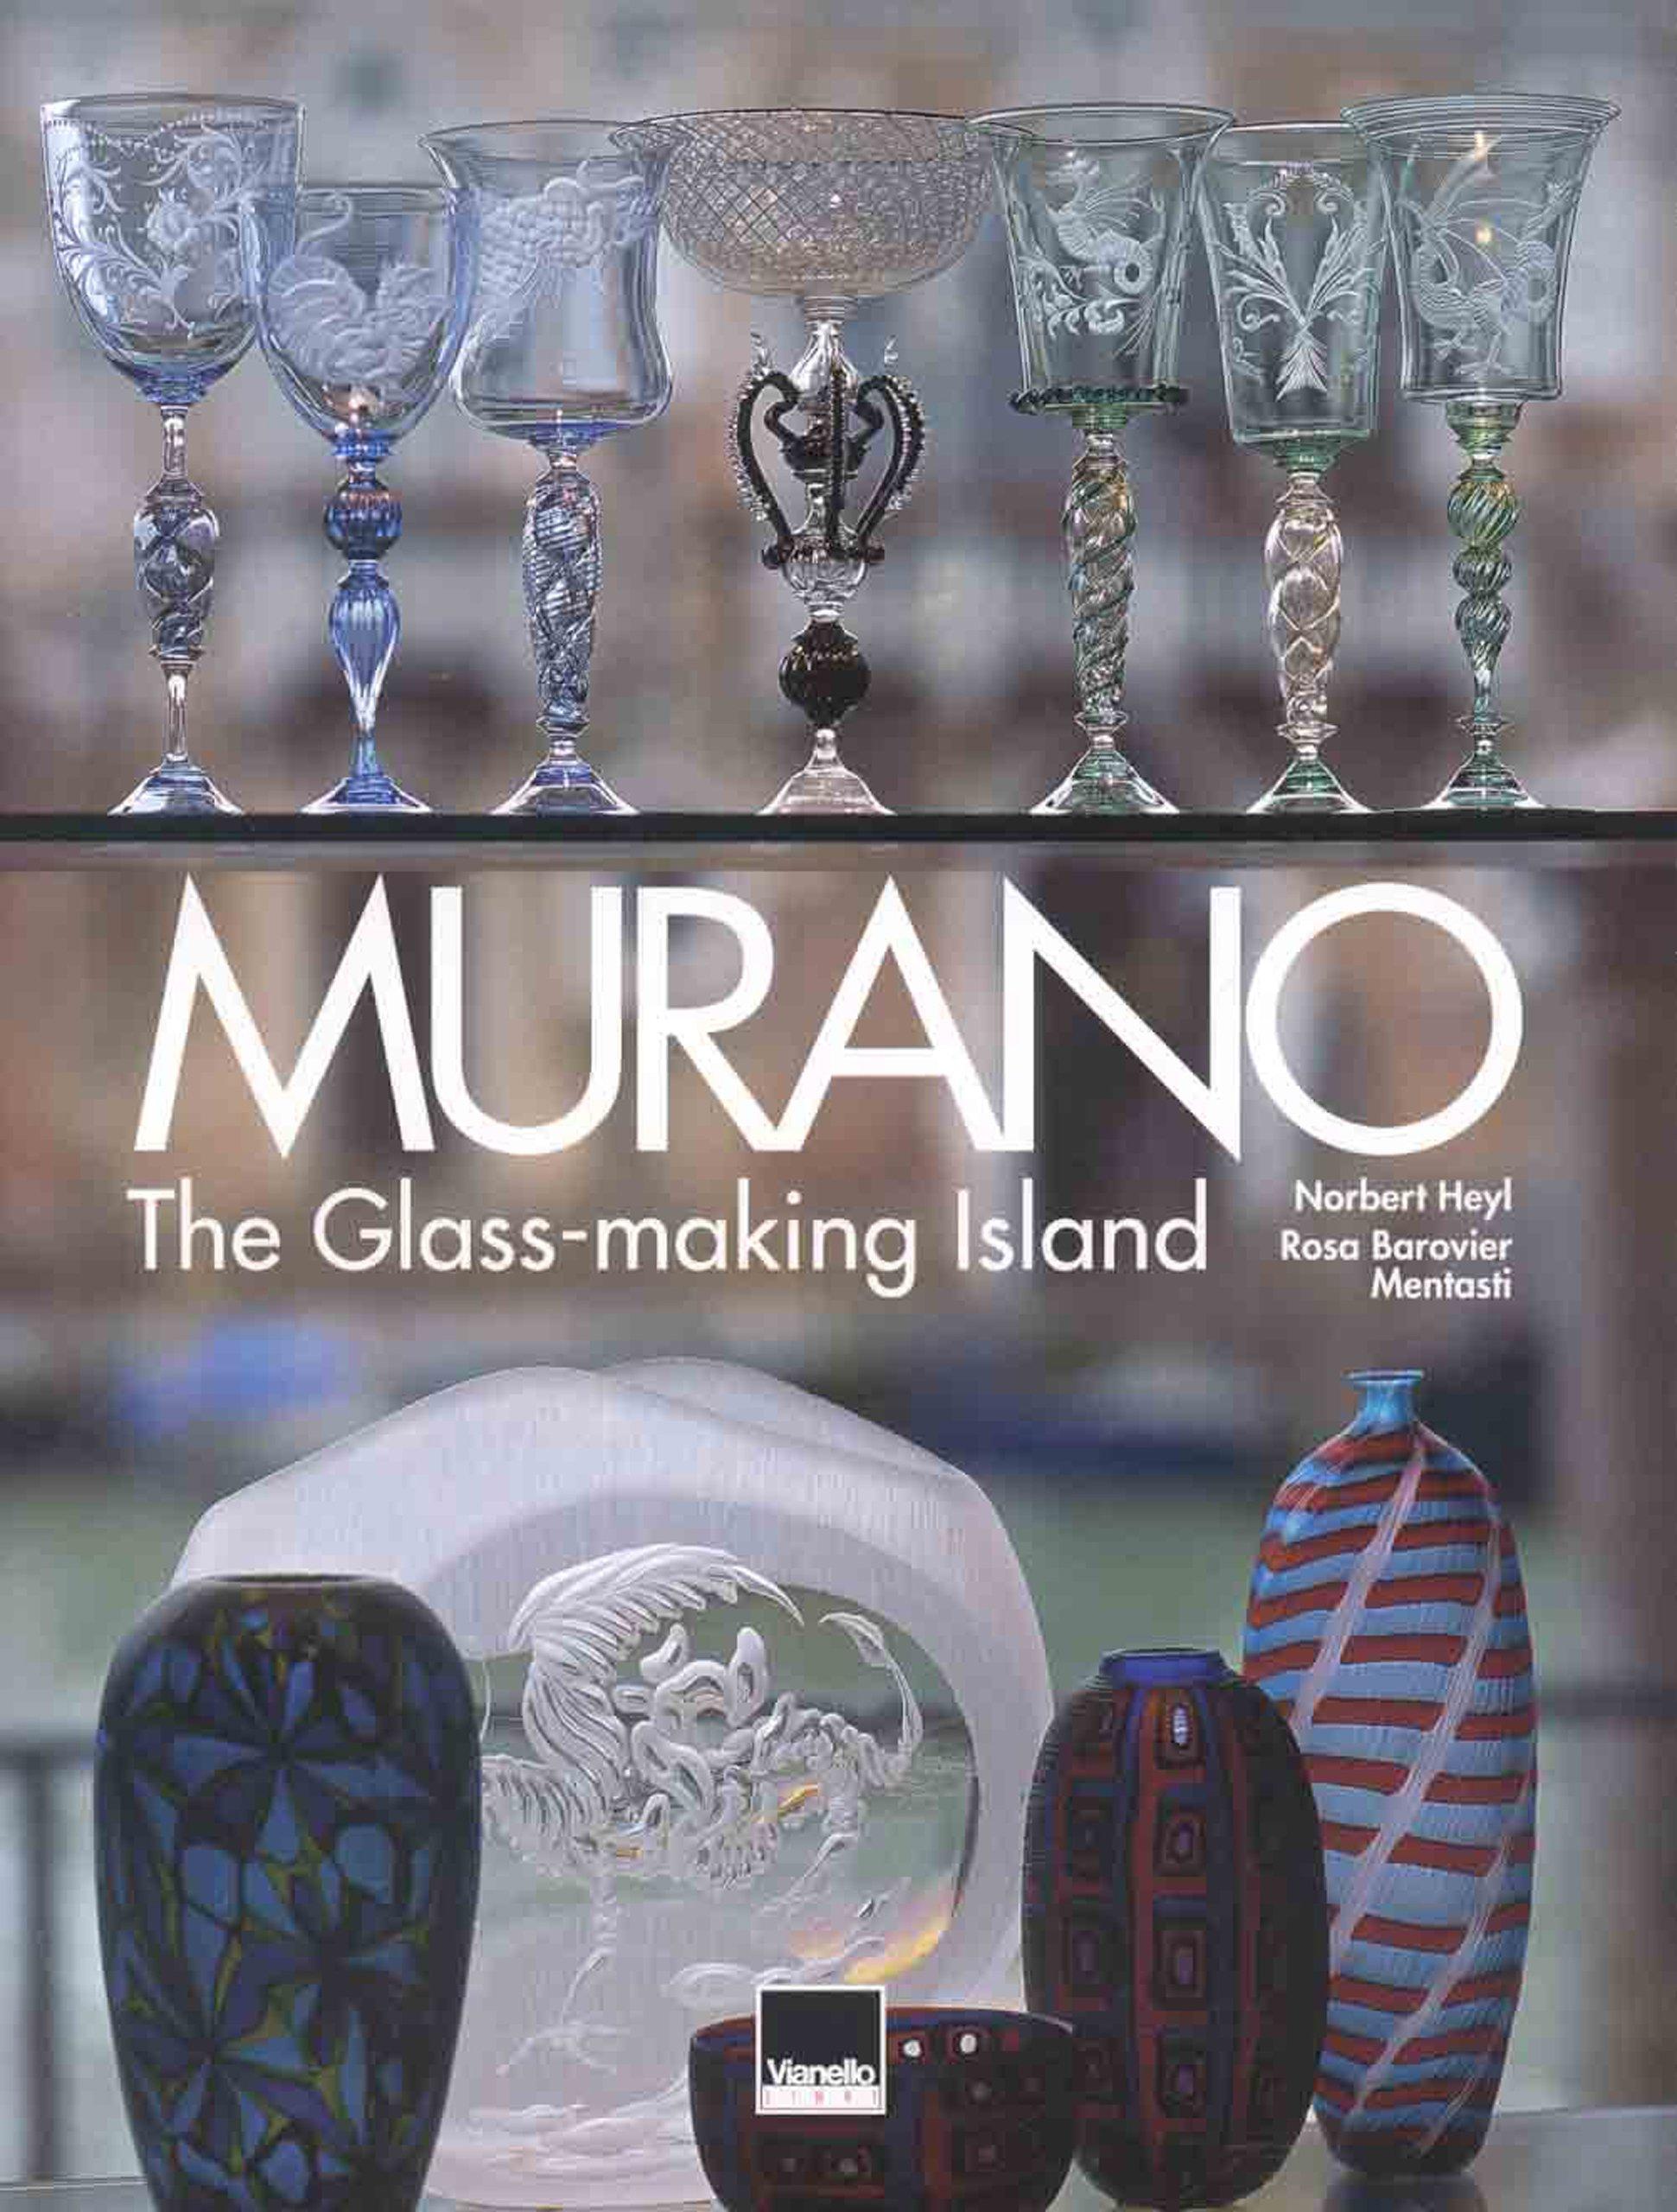 Murano: The Glass-making Island